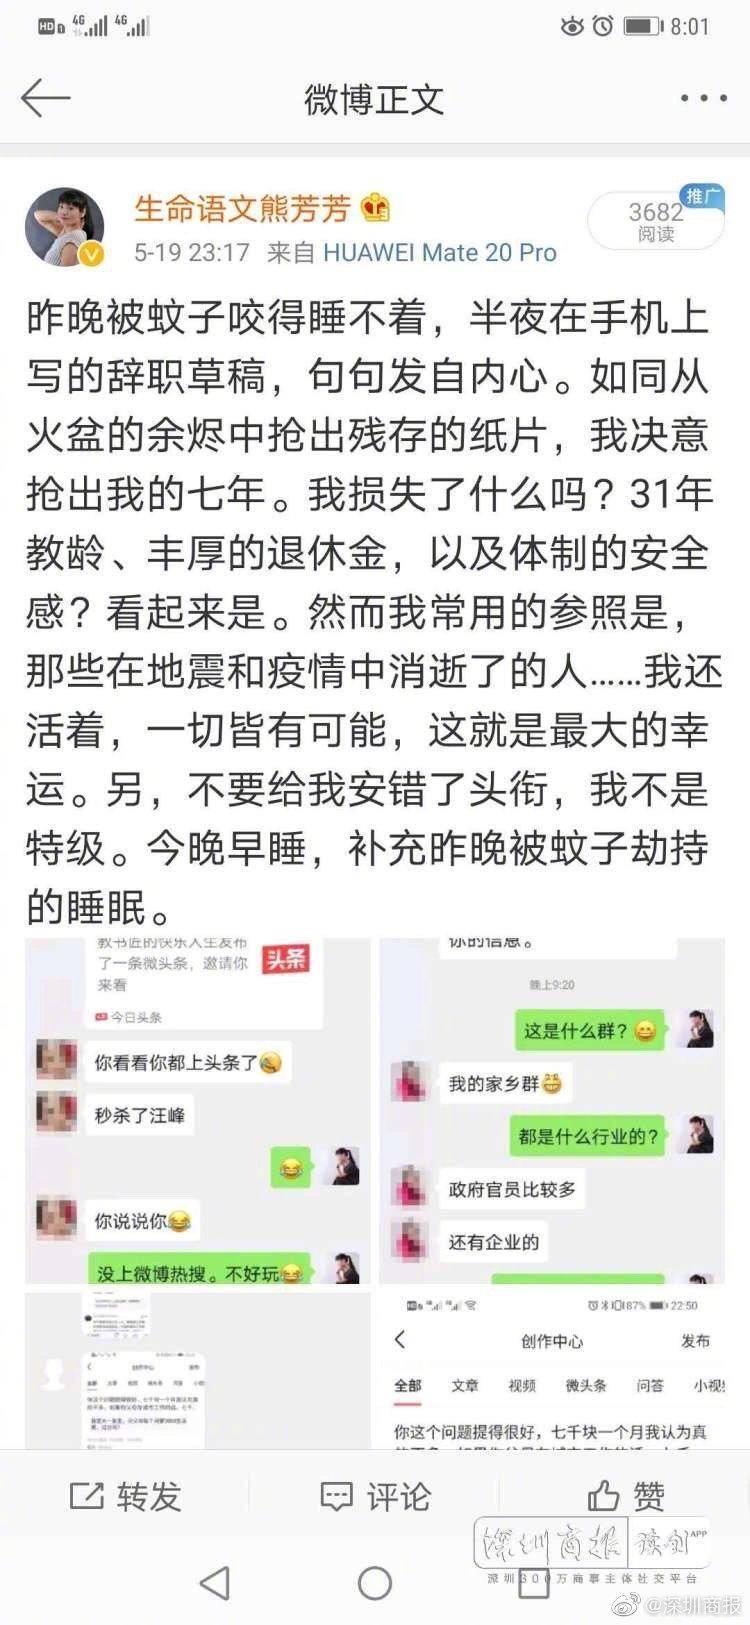 深圳一高级教师放弃退休待遇辞职,称将剩下7年赏赐自己